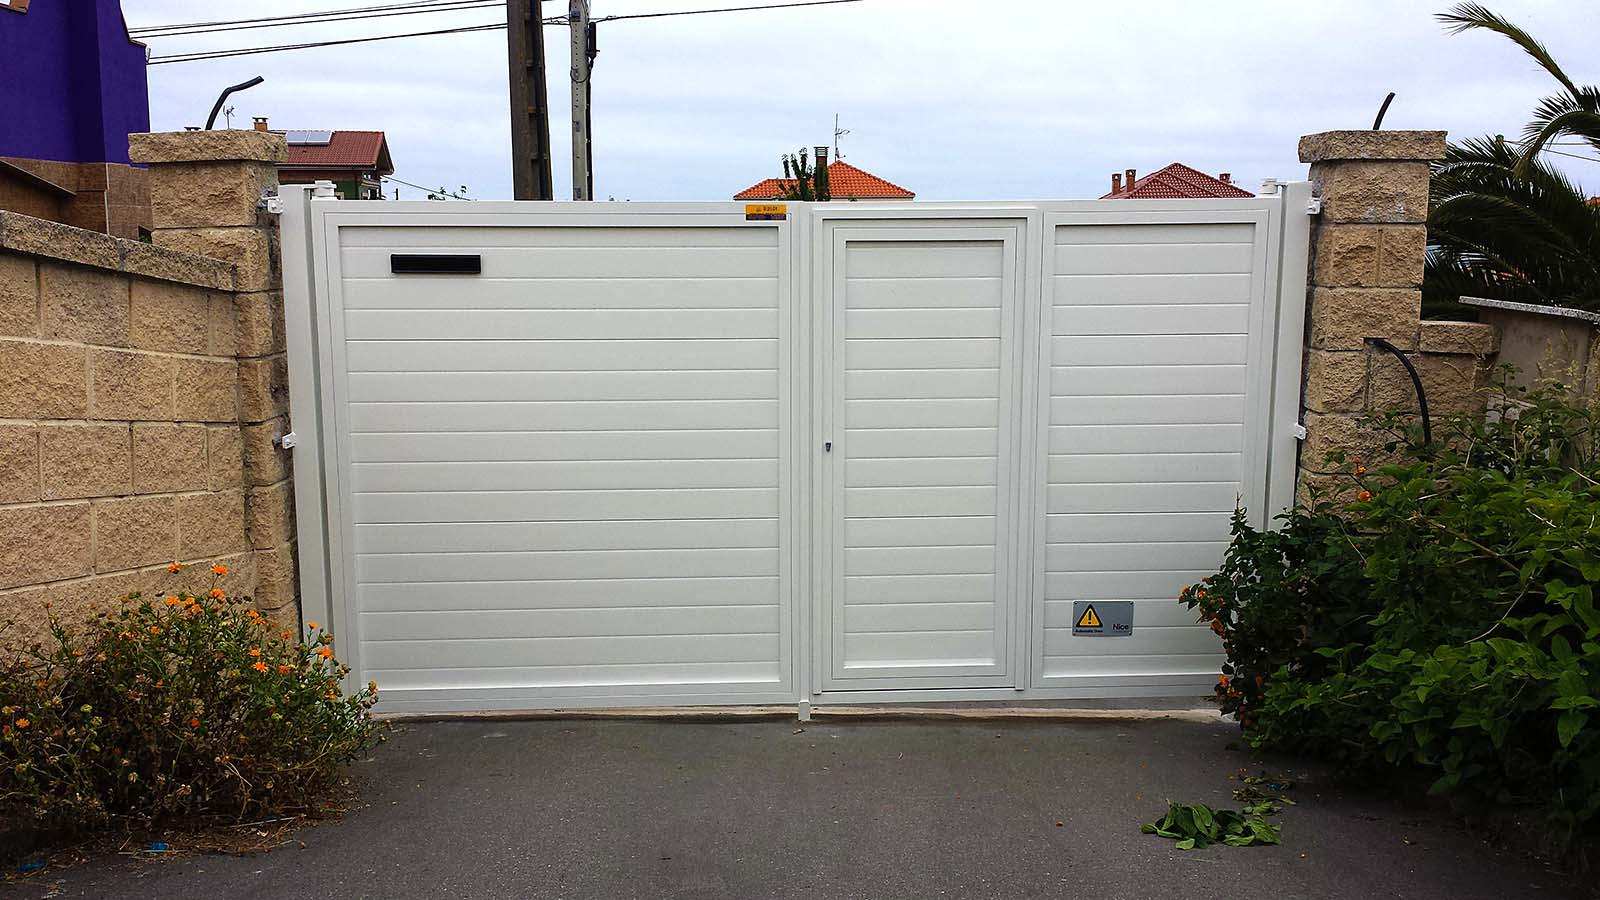 porton de entrada a finca basculante 2 hojas con puerta peatonal lacado en blanco